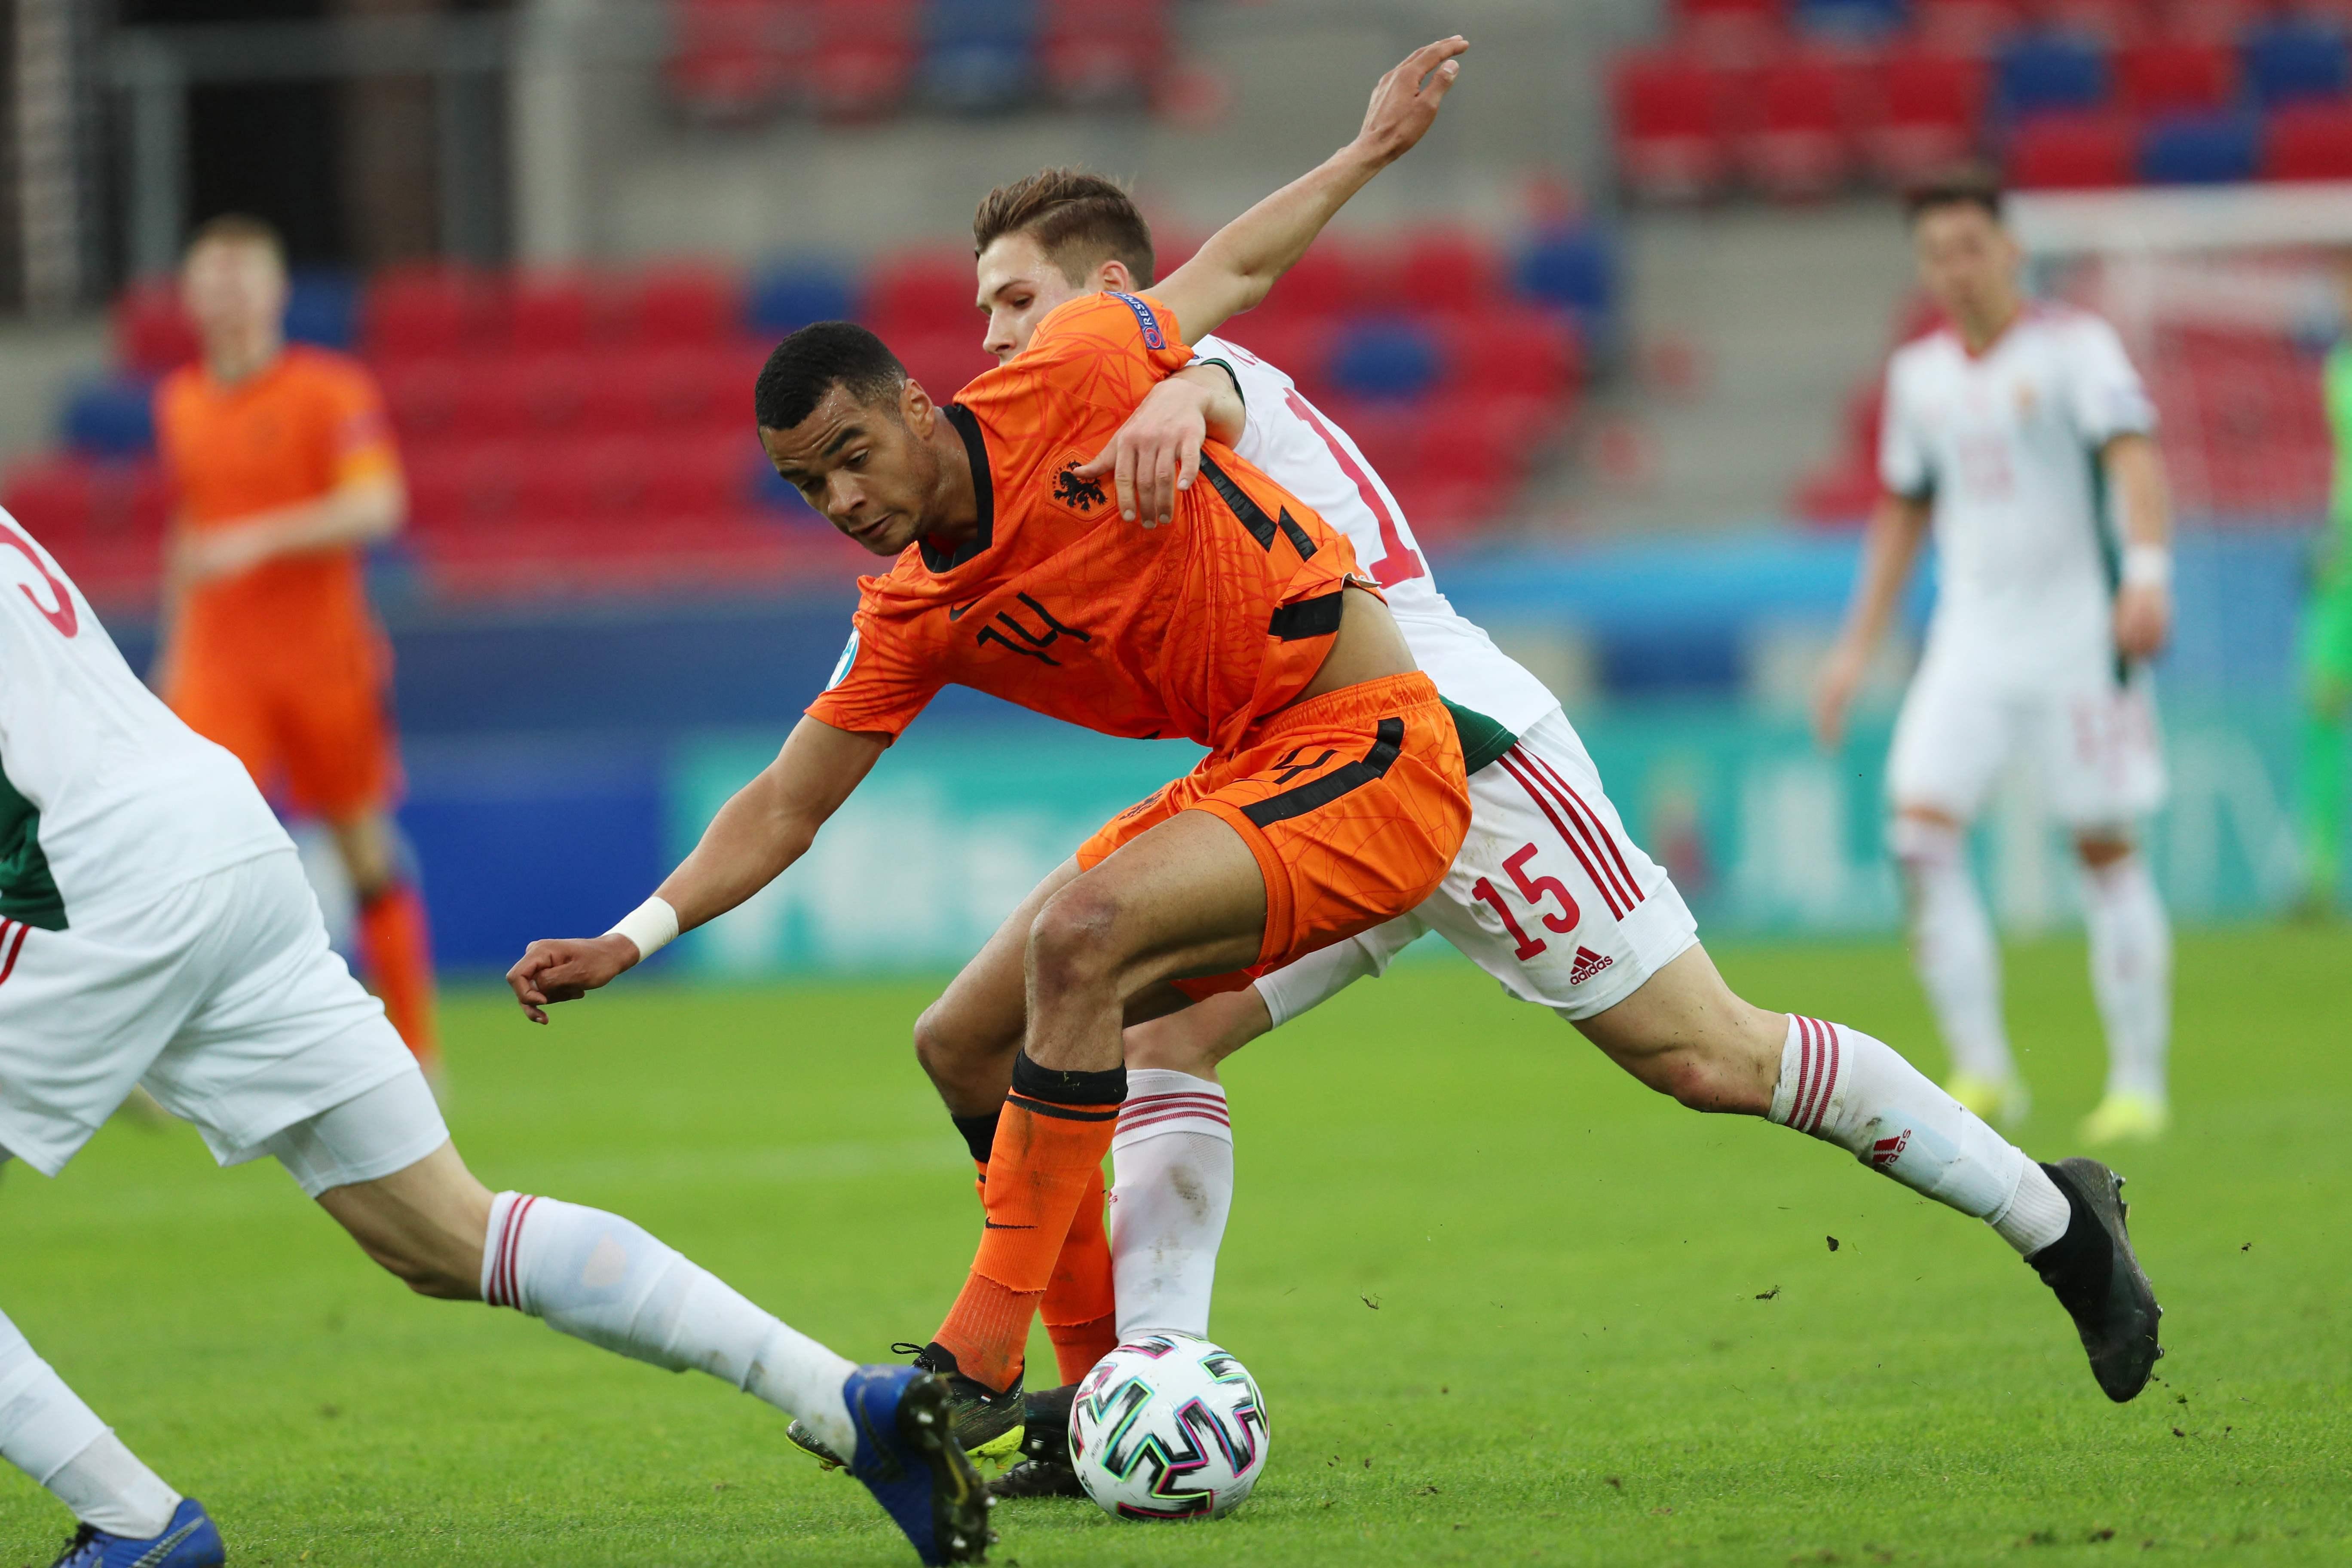 AZ'ers De Wit en Boadu openen de score, maar Cody Gakpo steelt de show bij Jong Oranje tegen Hongarije op EK -21 [video]